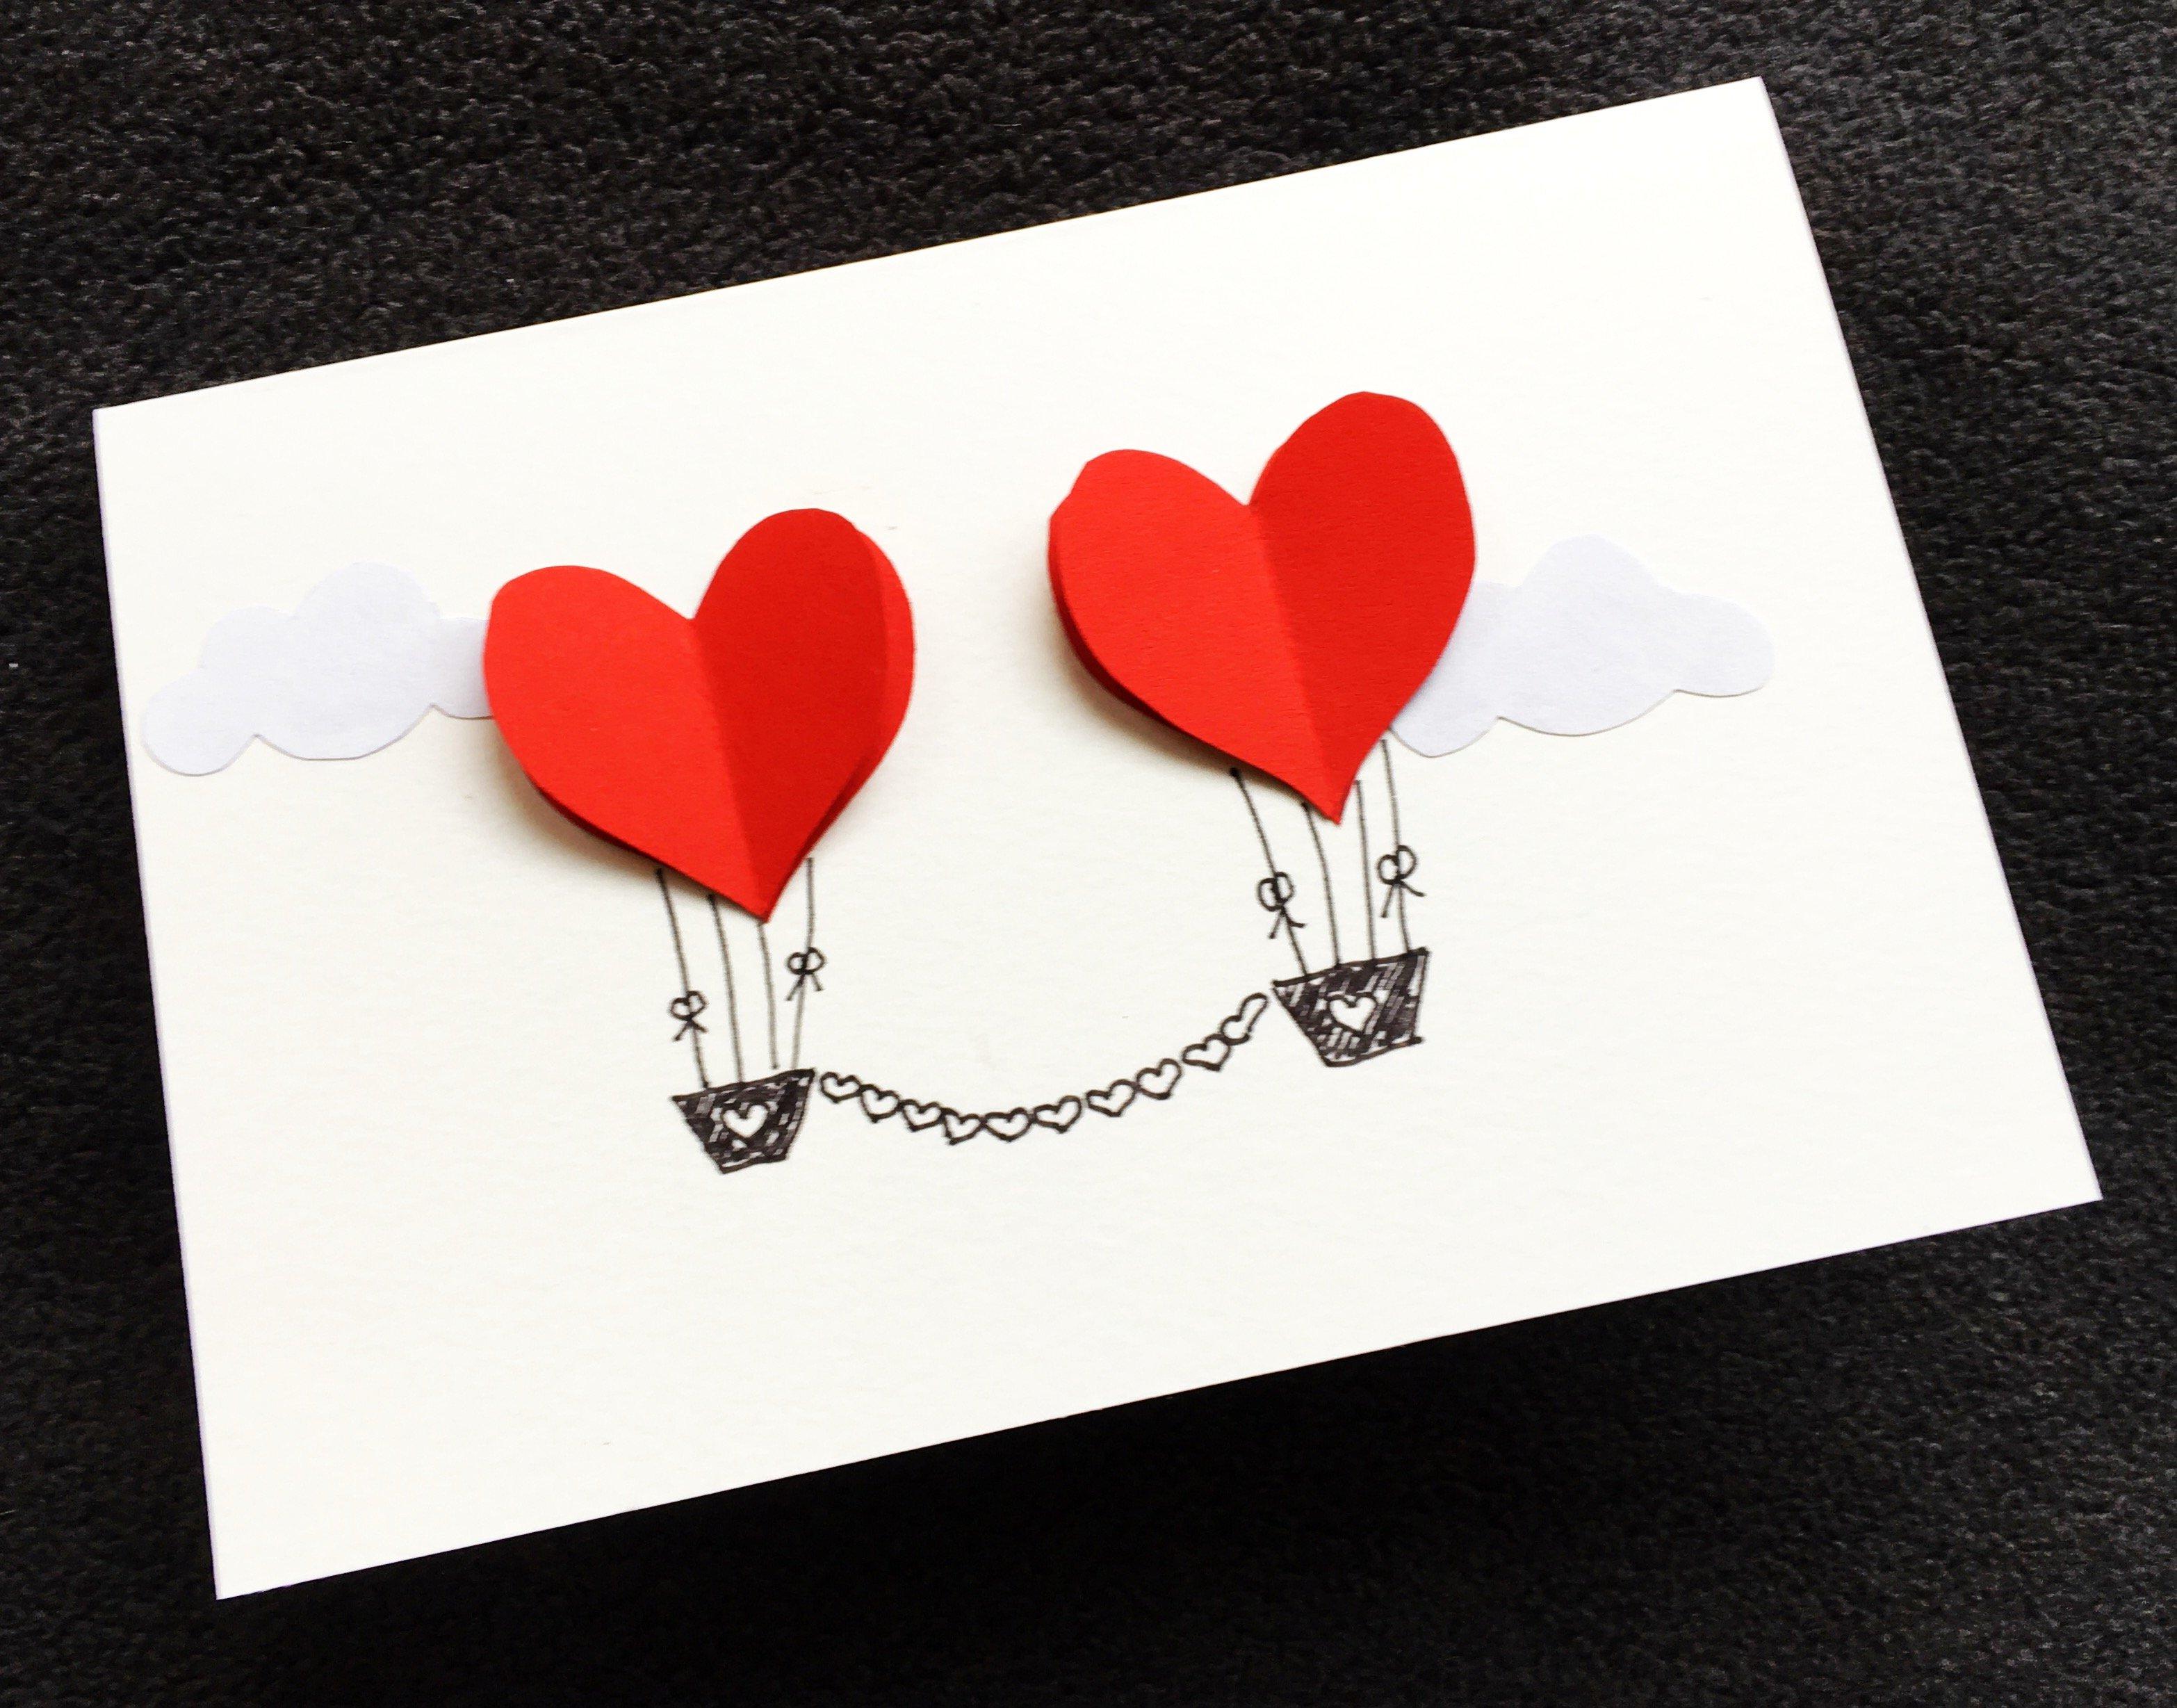 Foto 03.02.18 10 51 26 - Hochzeitskarte mit Herzen basteln